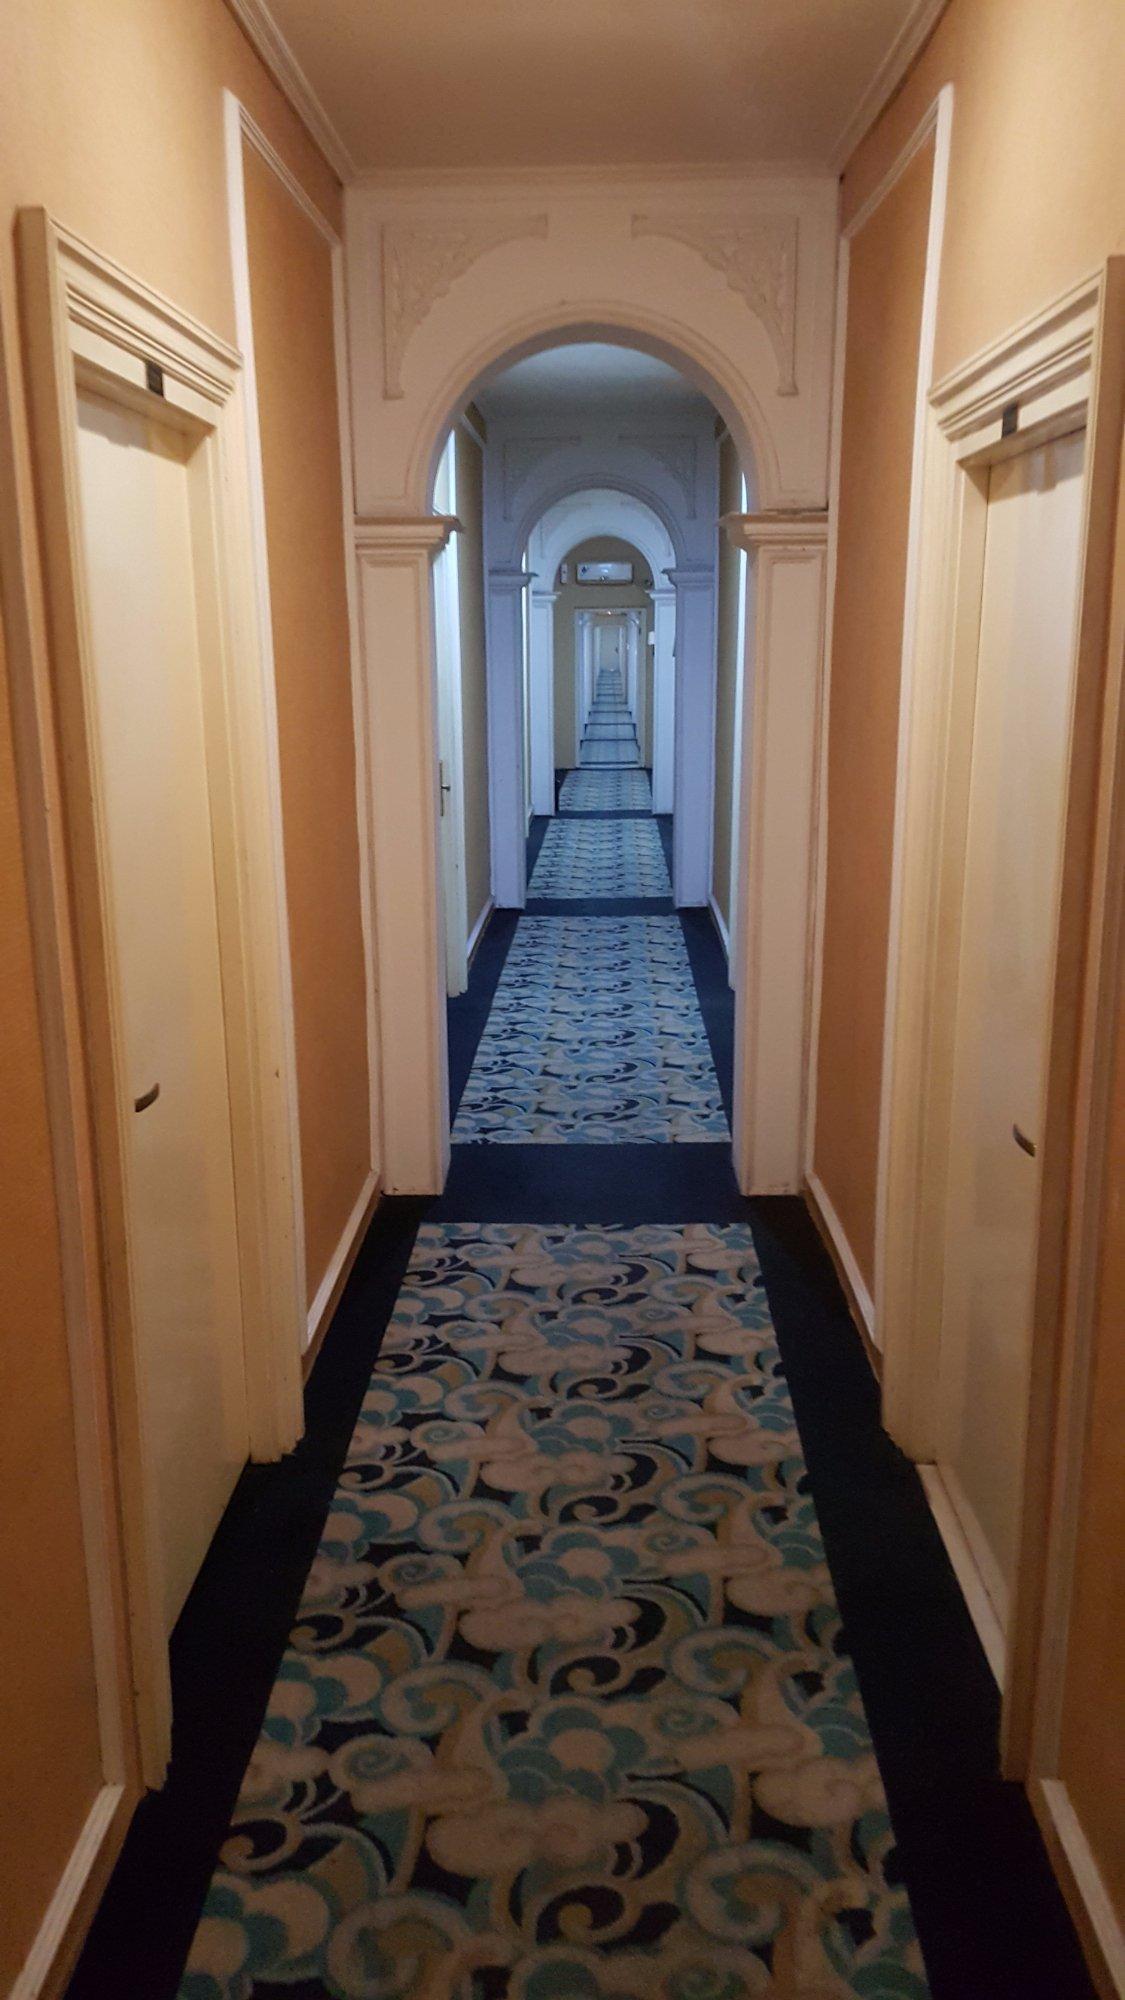 Hotel Istana Permata Ngagel Ruko Berwajah Hotel Never Stay Here Ulasan Hotel Istana